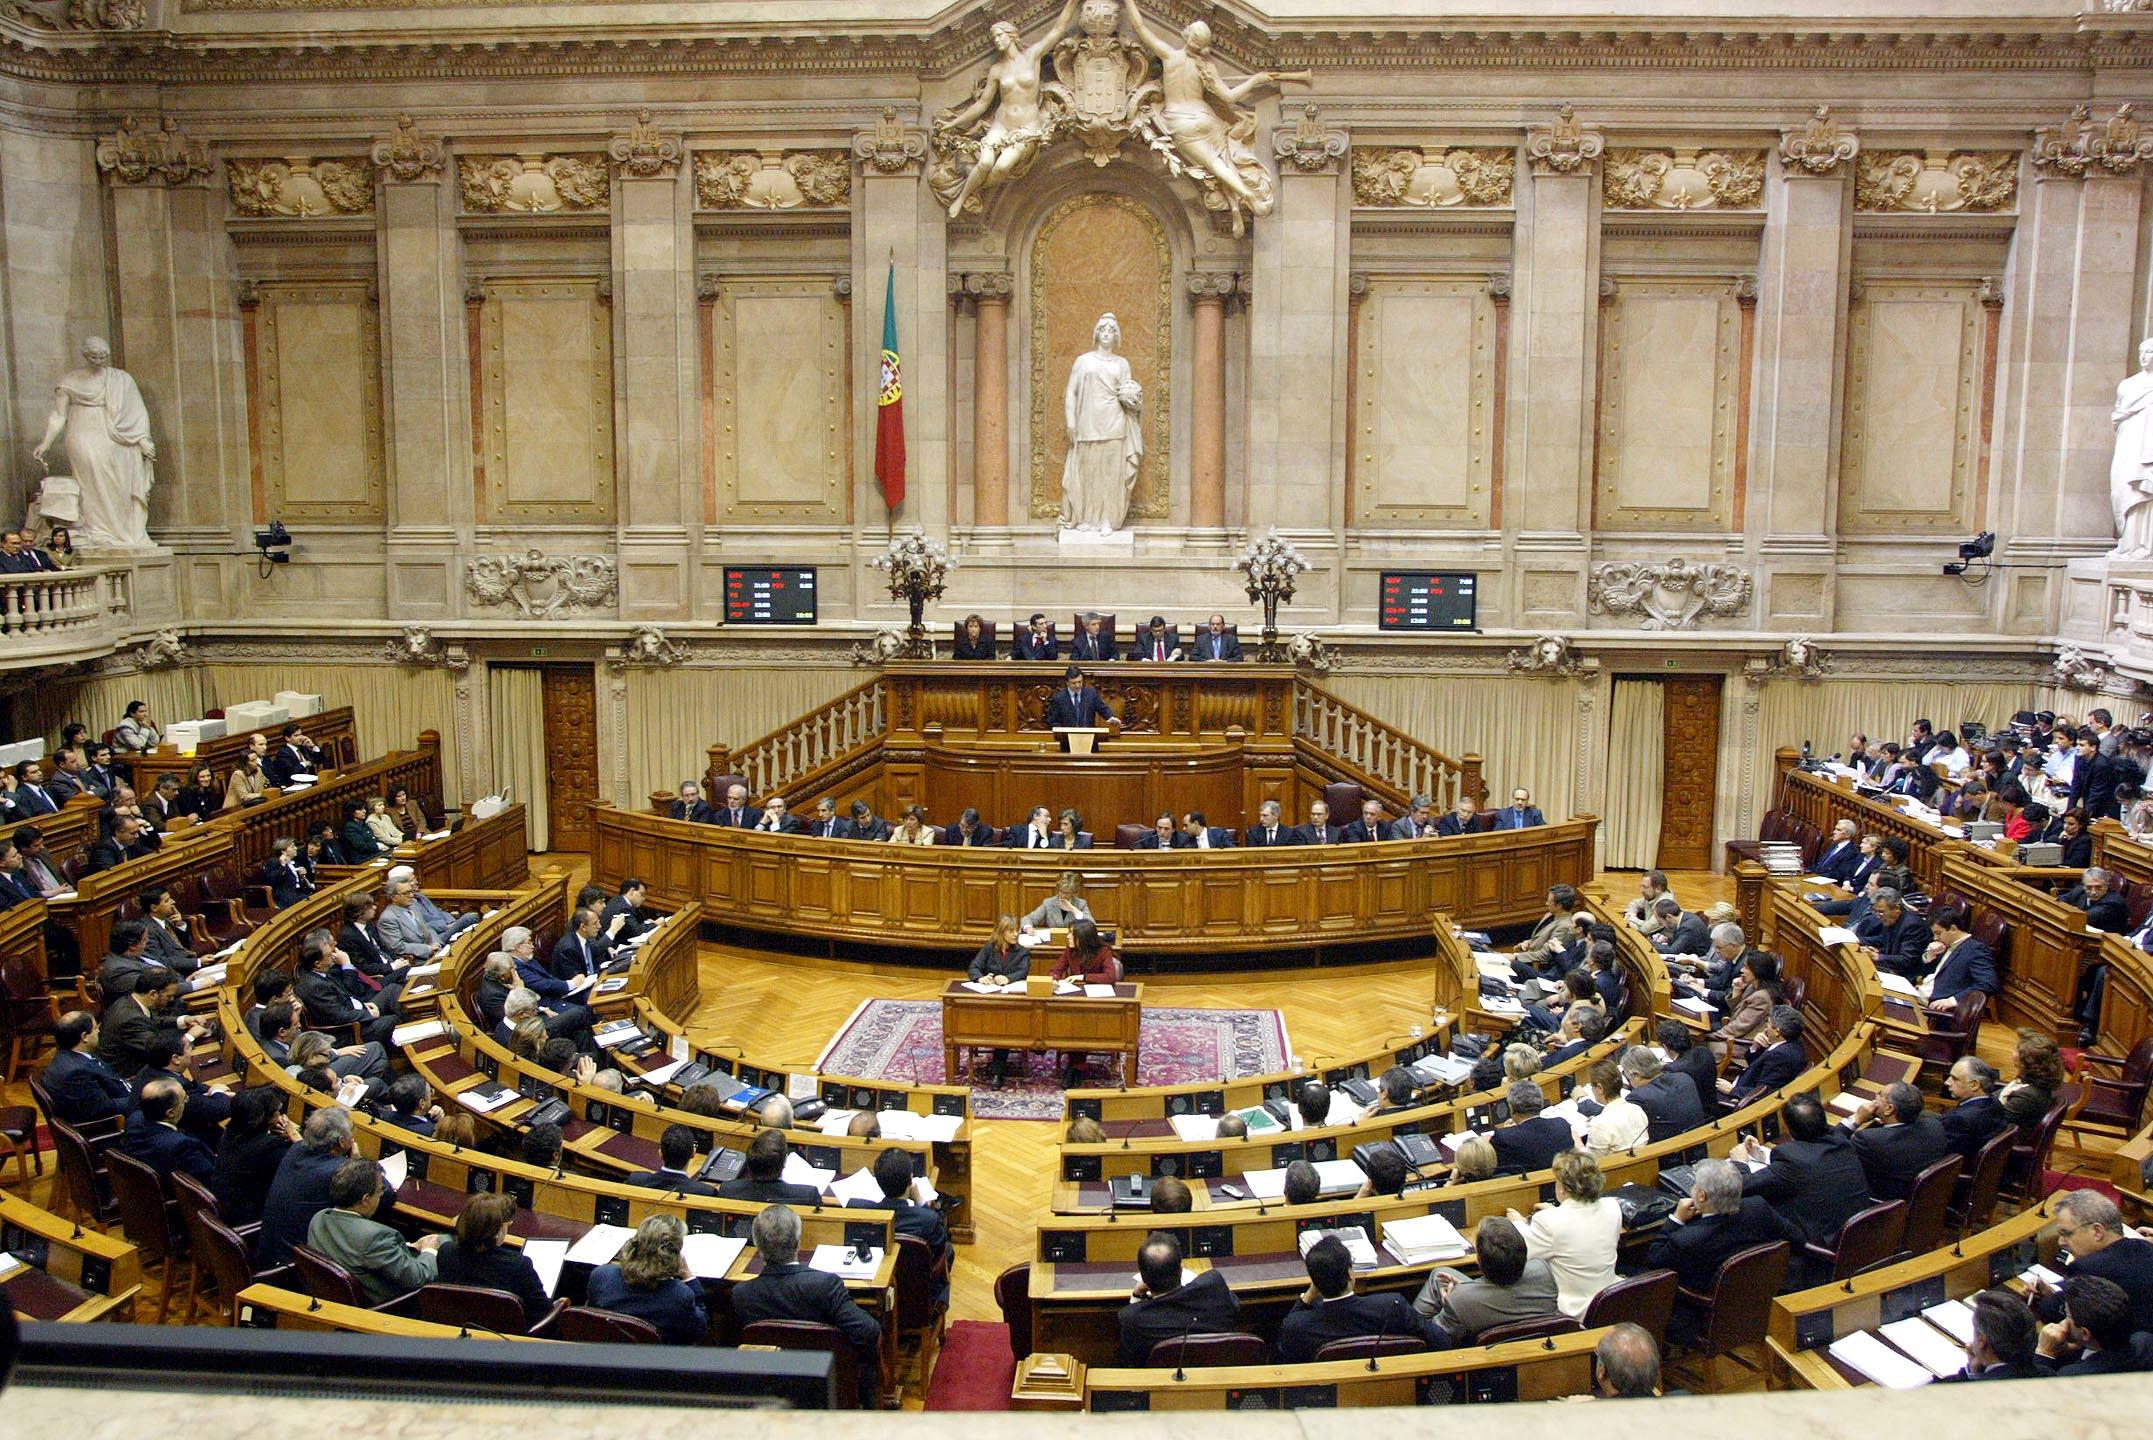 Parlamento reconfirma alterações à lei do aborto e adoção gay